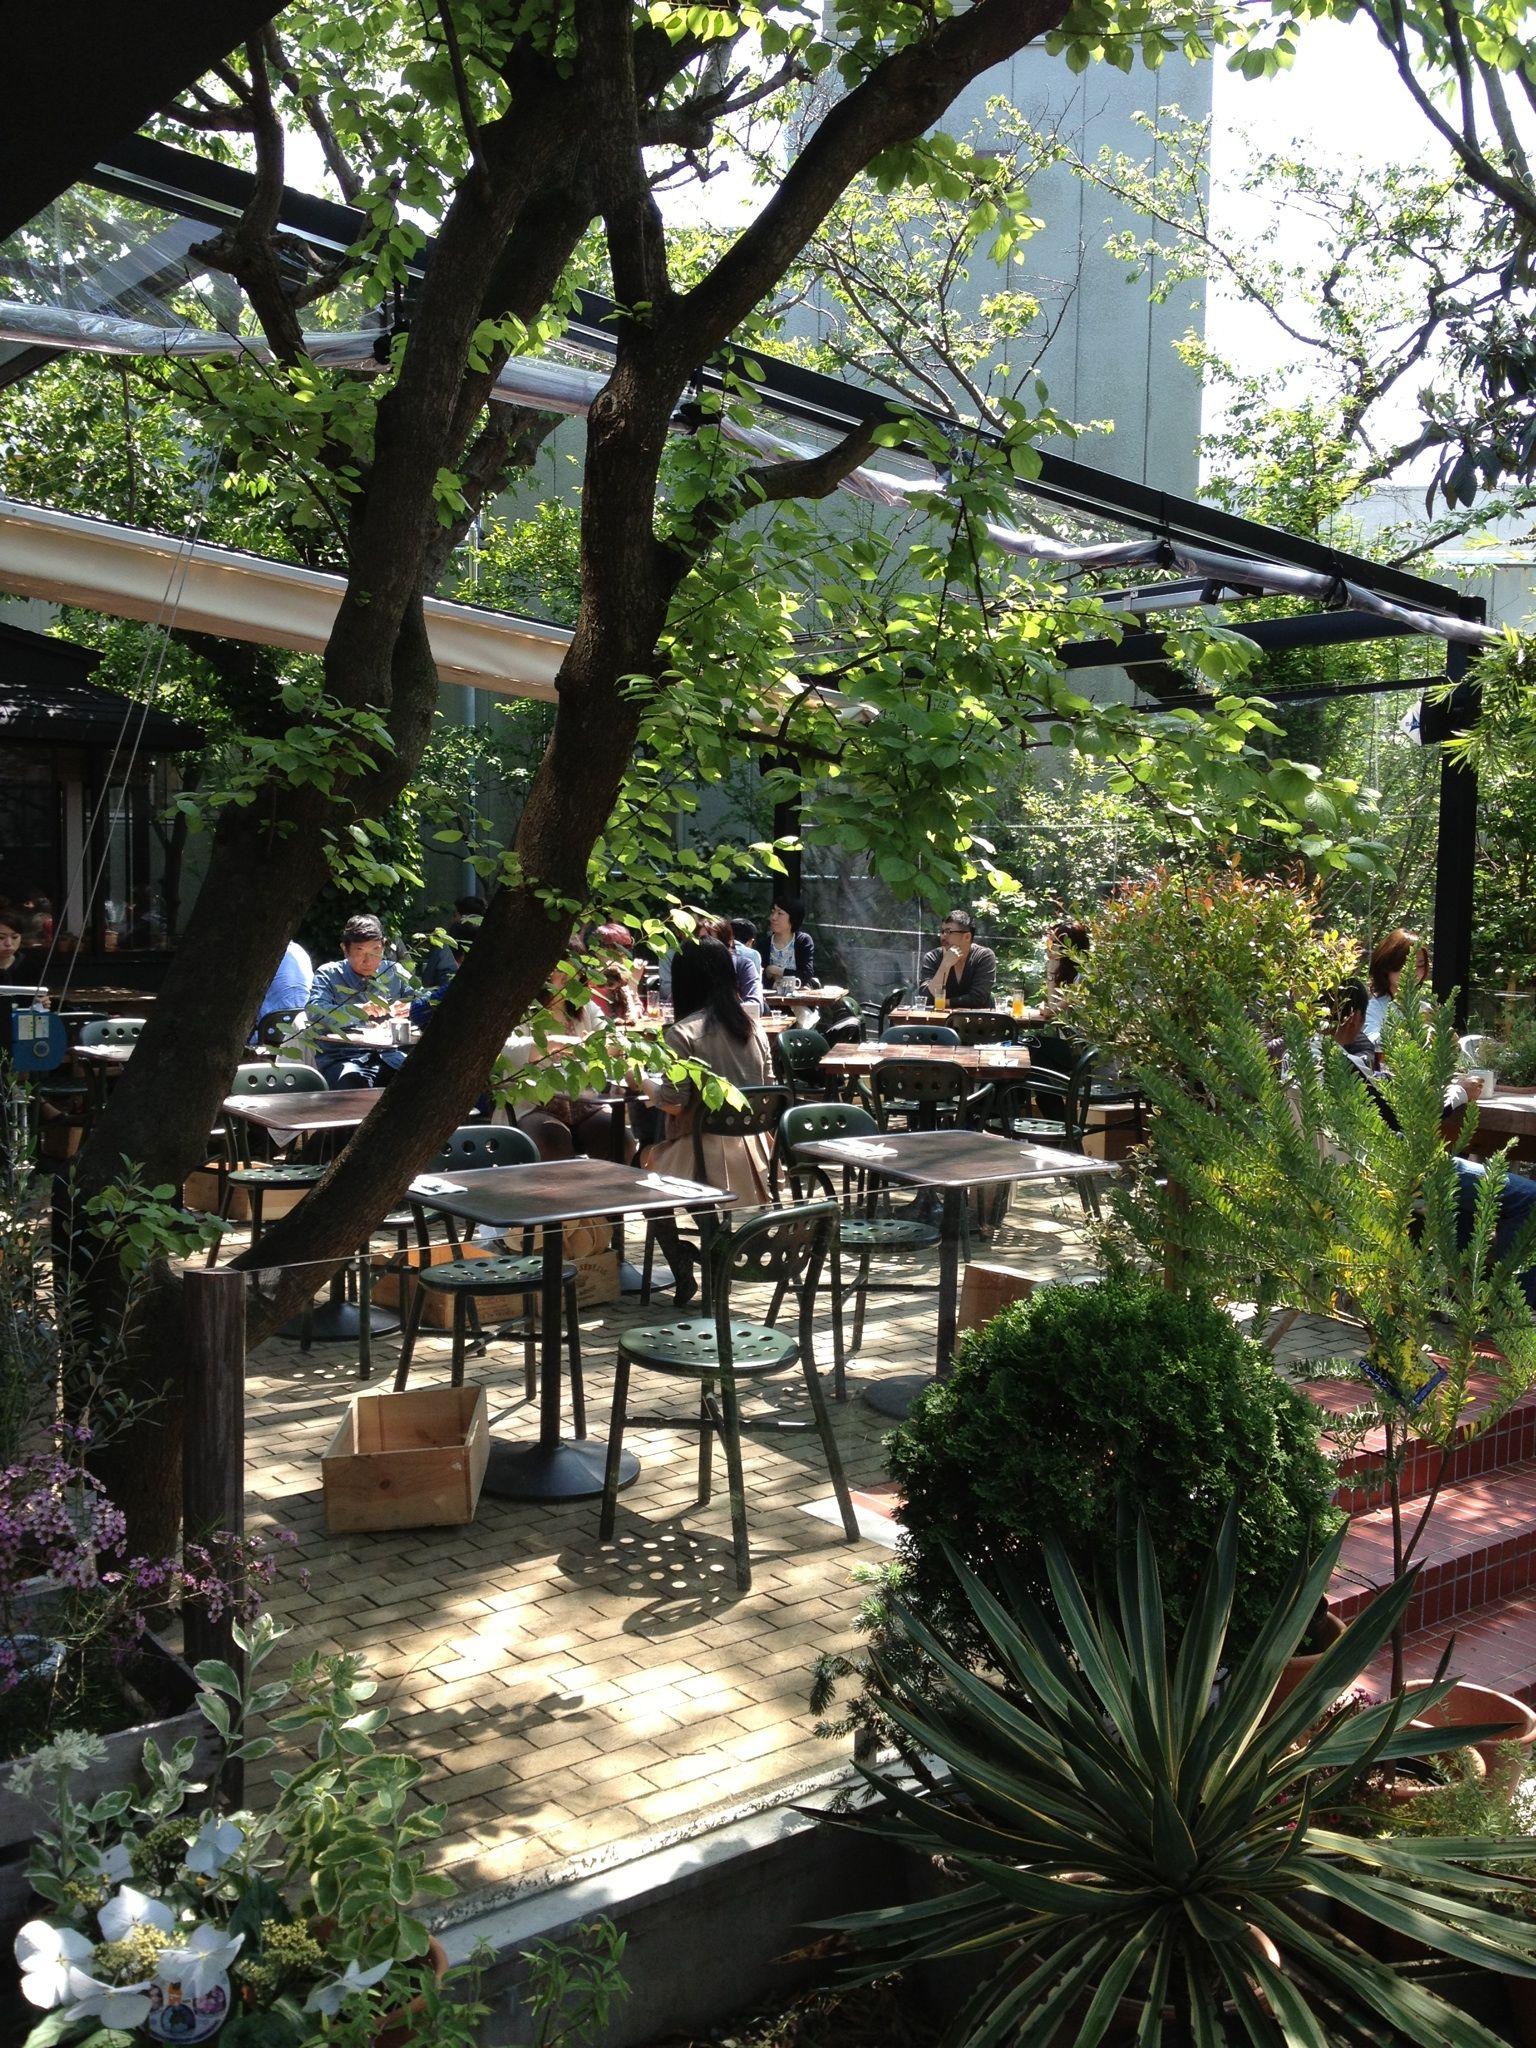 鎌倉ガーデンハウス 屋外カフェ ガーデンハウス 屋外レストラン